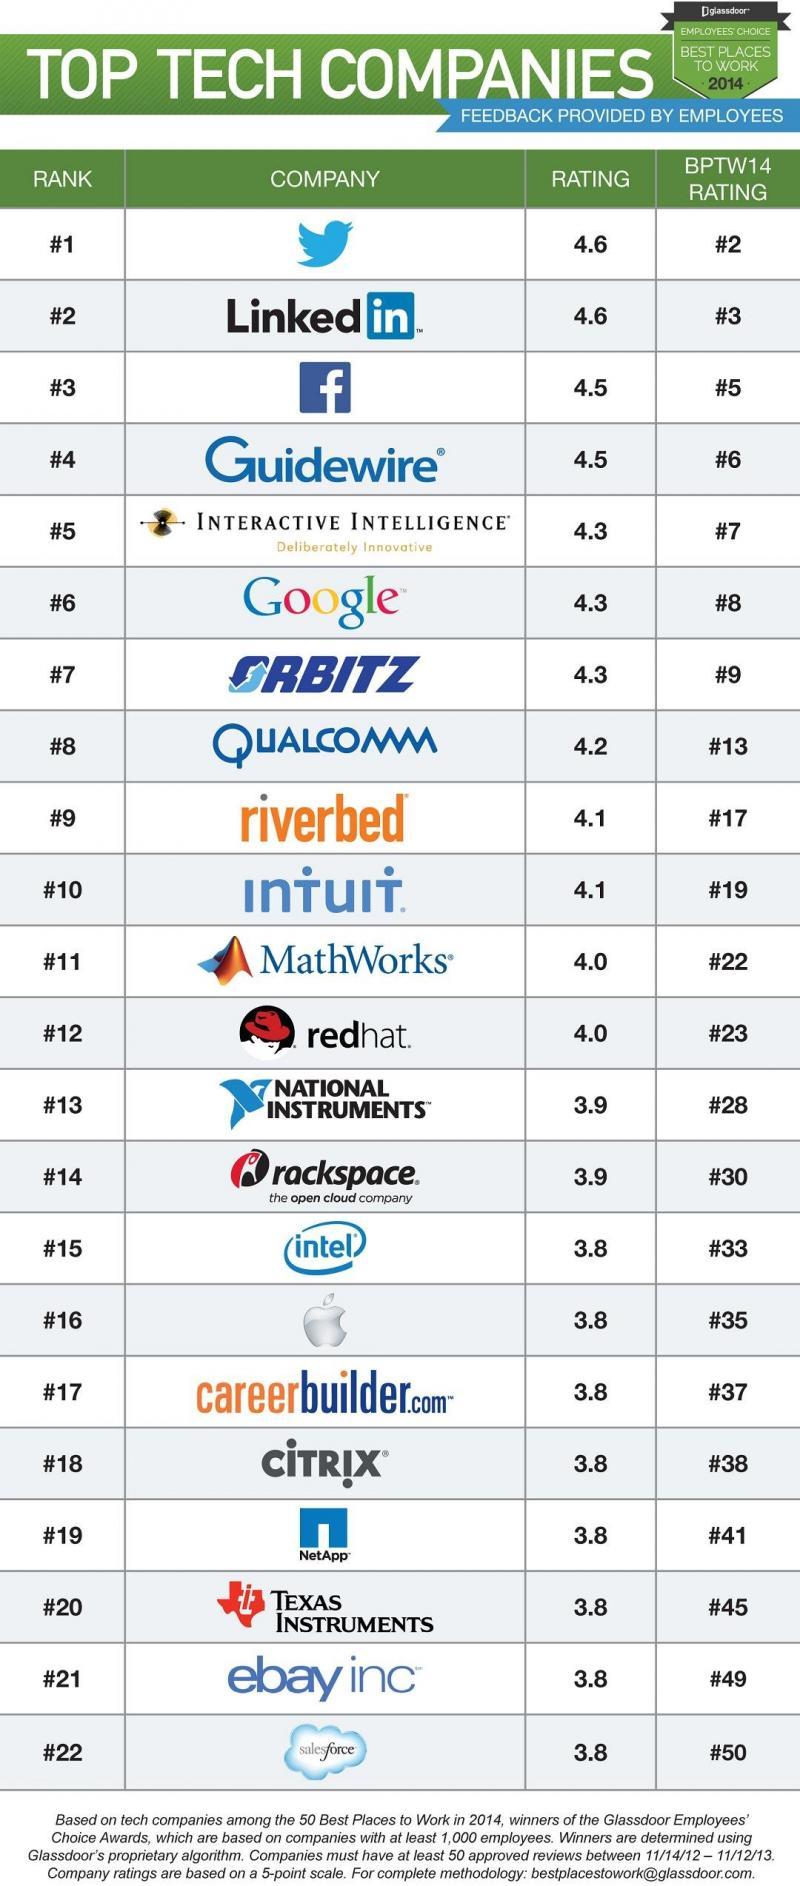 أفضل شركات تقنية للعمل فيها عام 2014